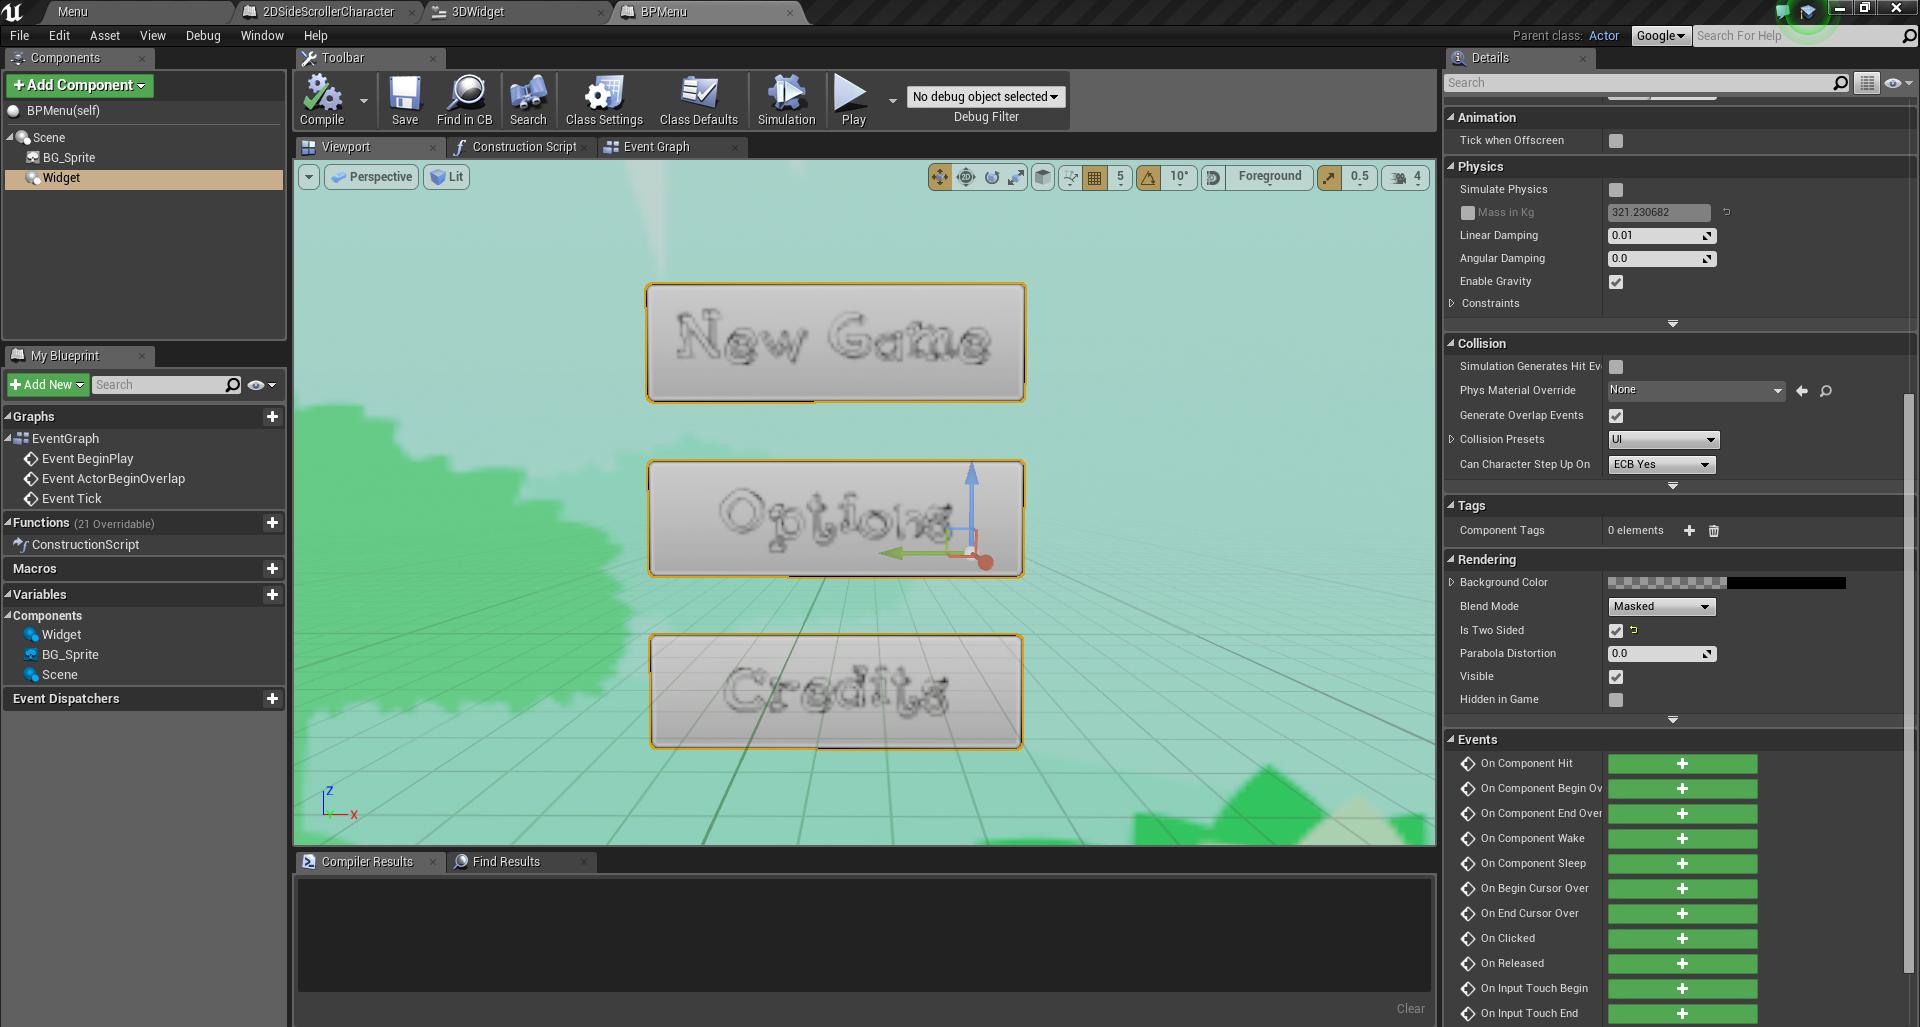 3D UMG Font blurred - UE4 AnswerHub